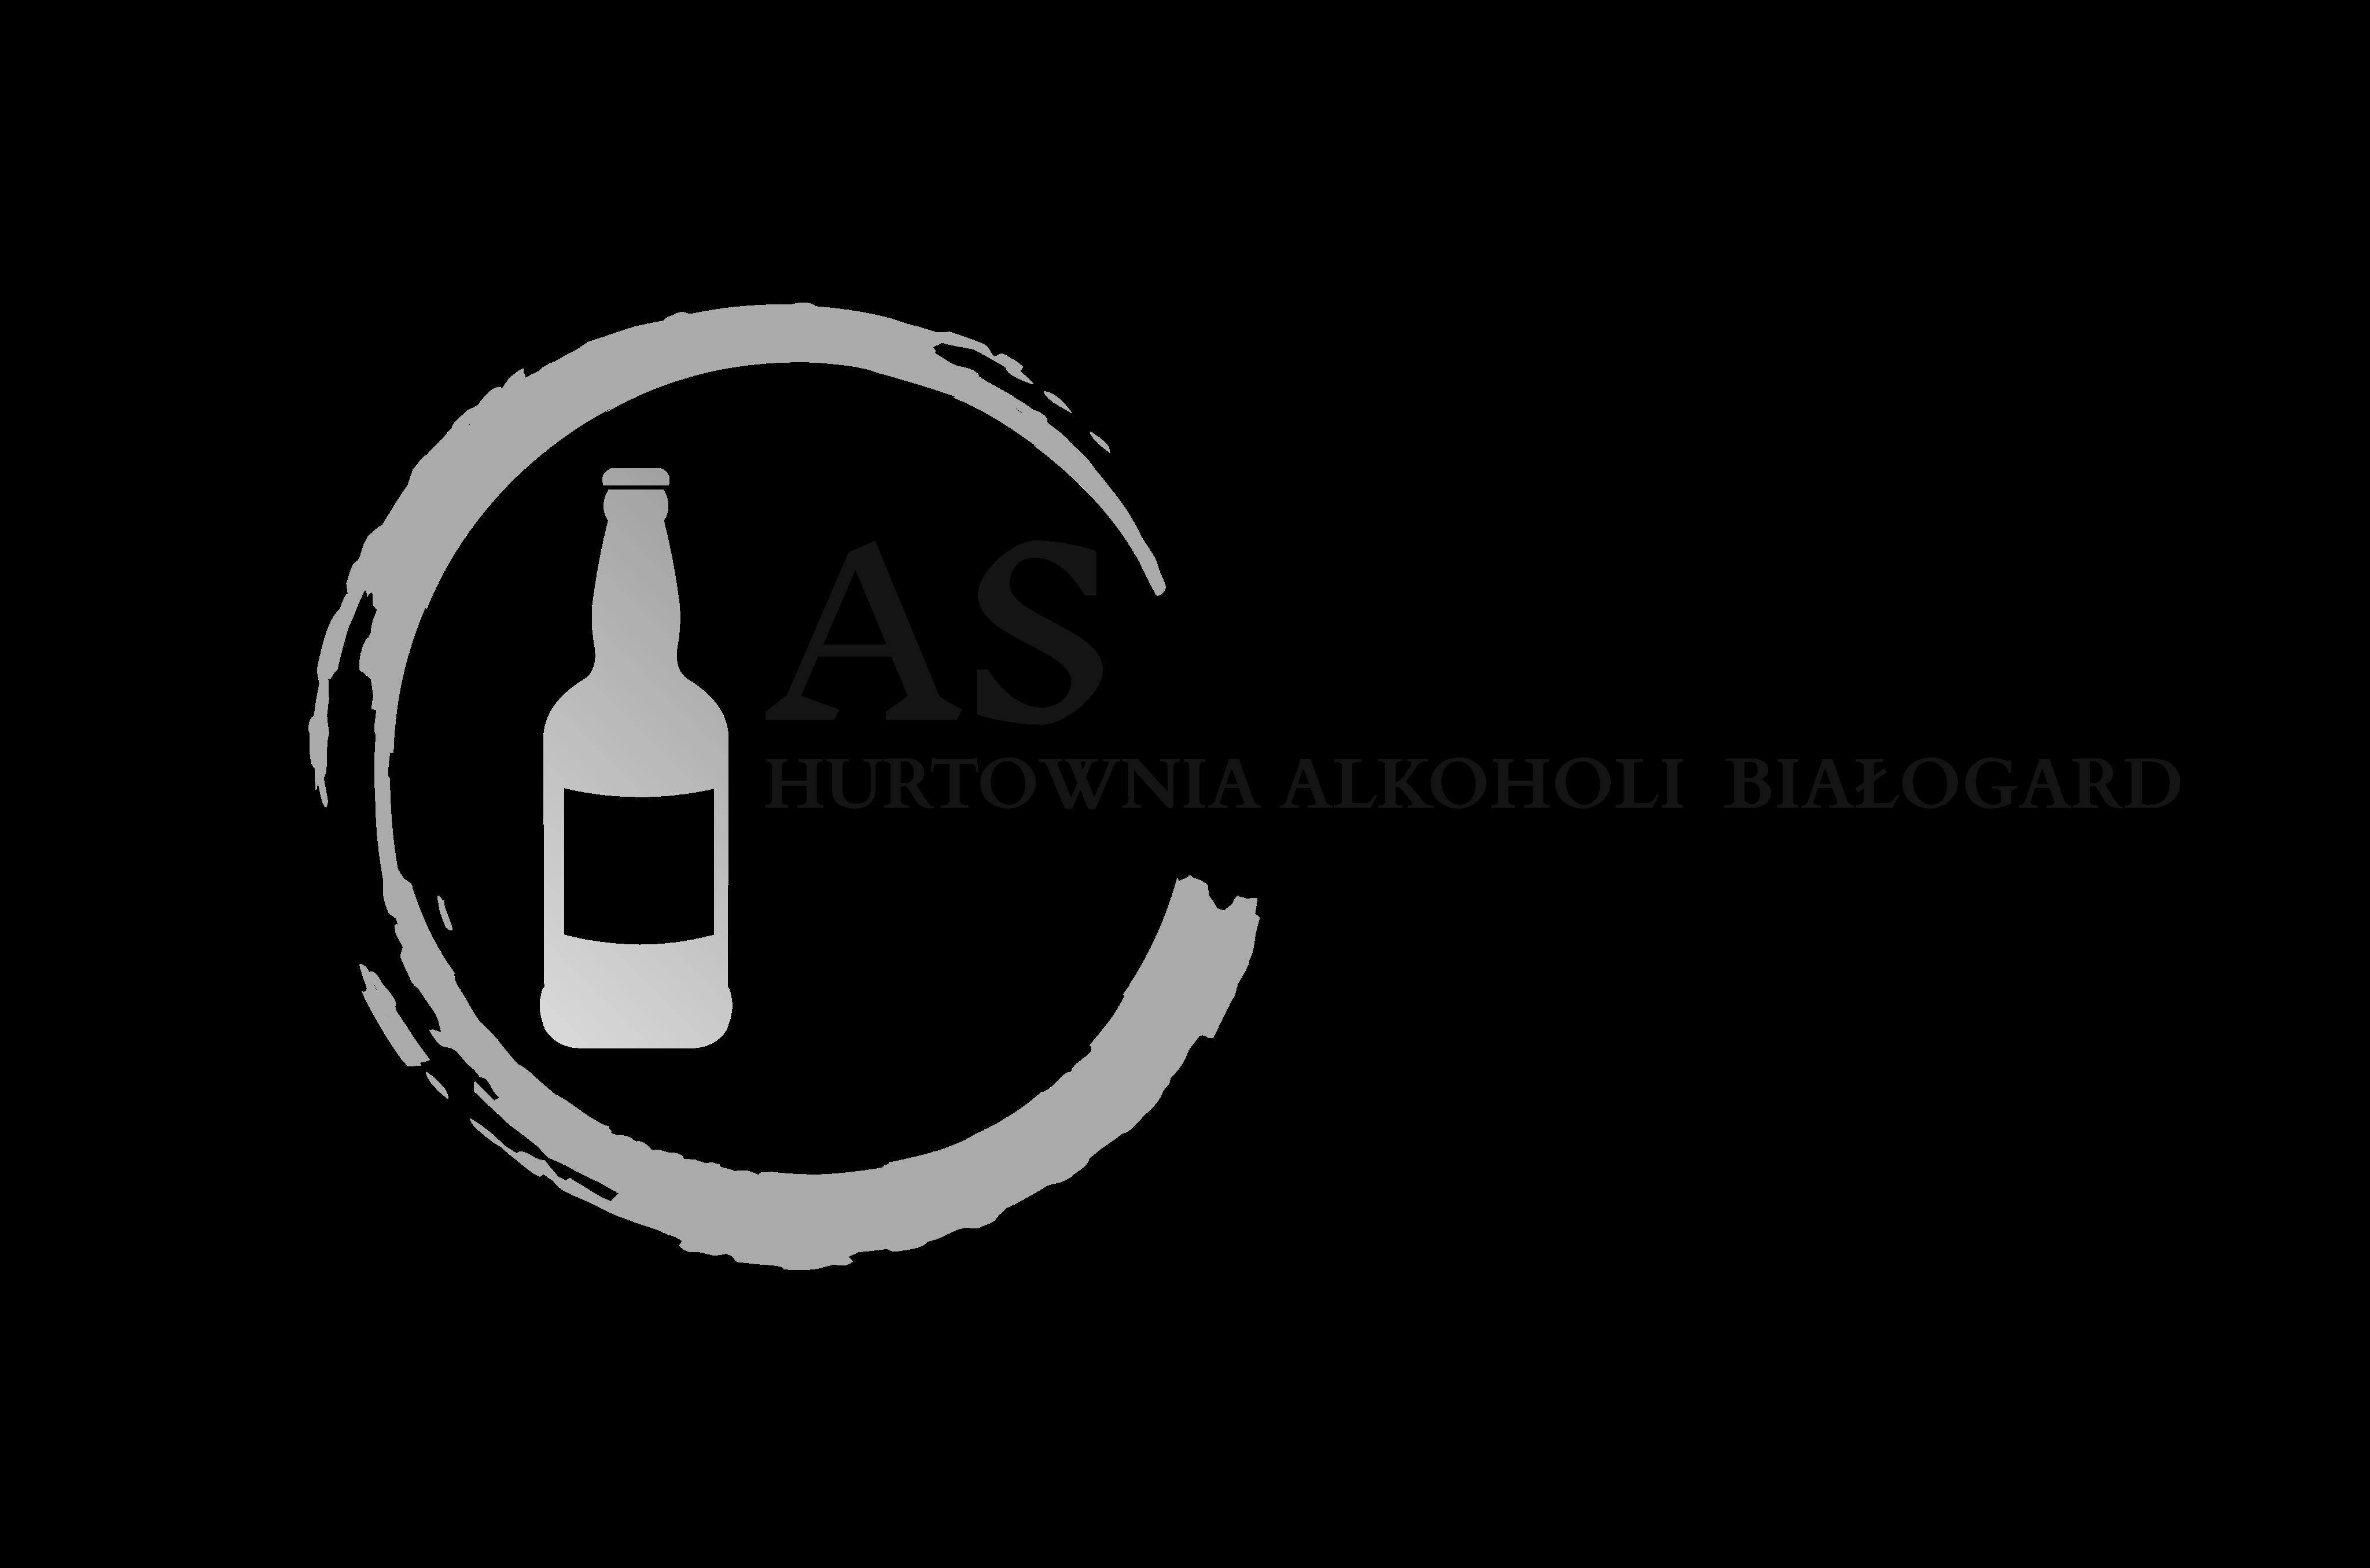 """""""AS"""" HURTOWNIA ALKOHOLI BIAŁOGARD"""